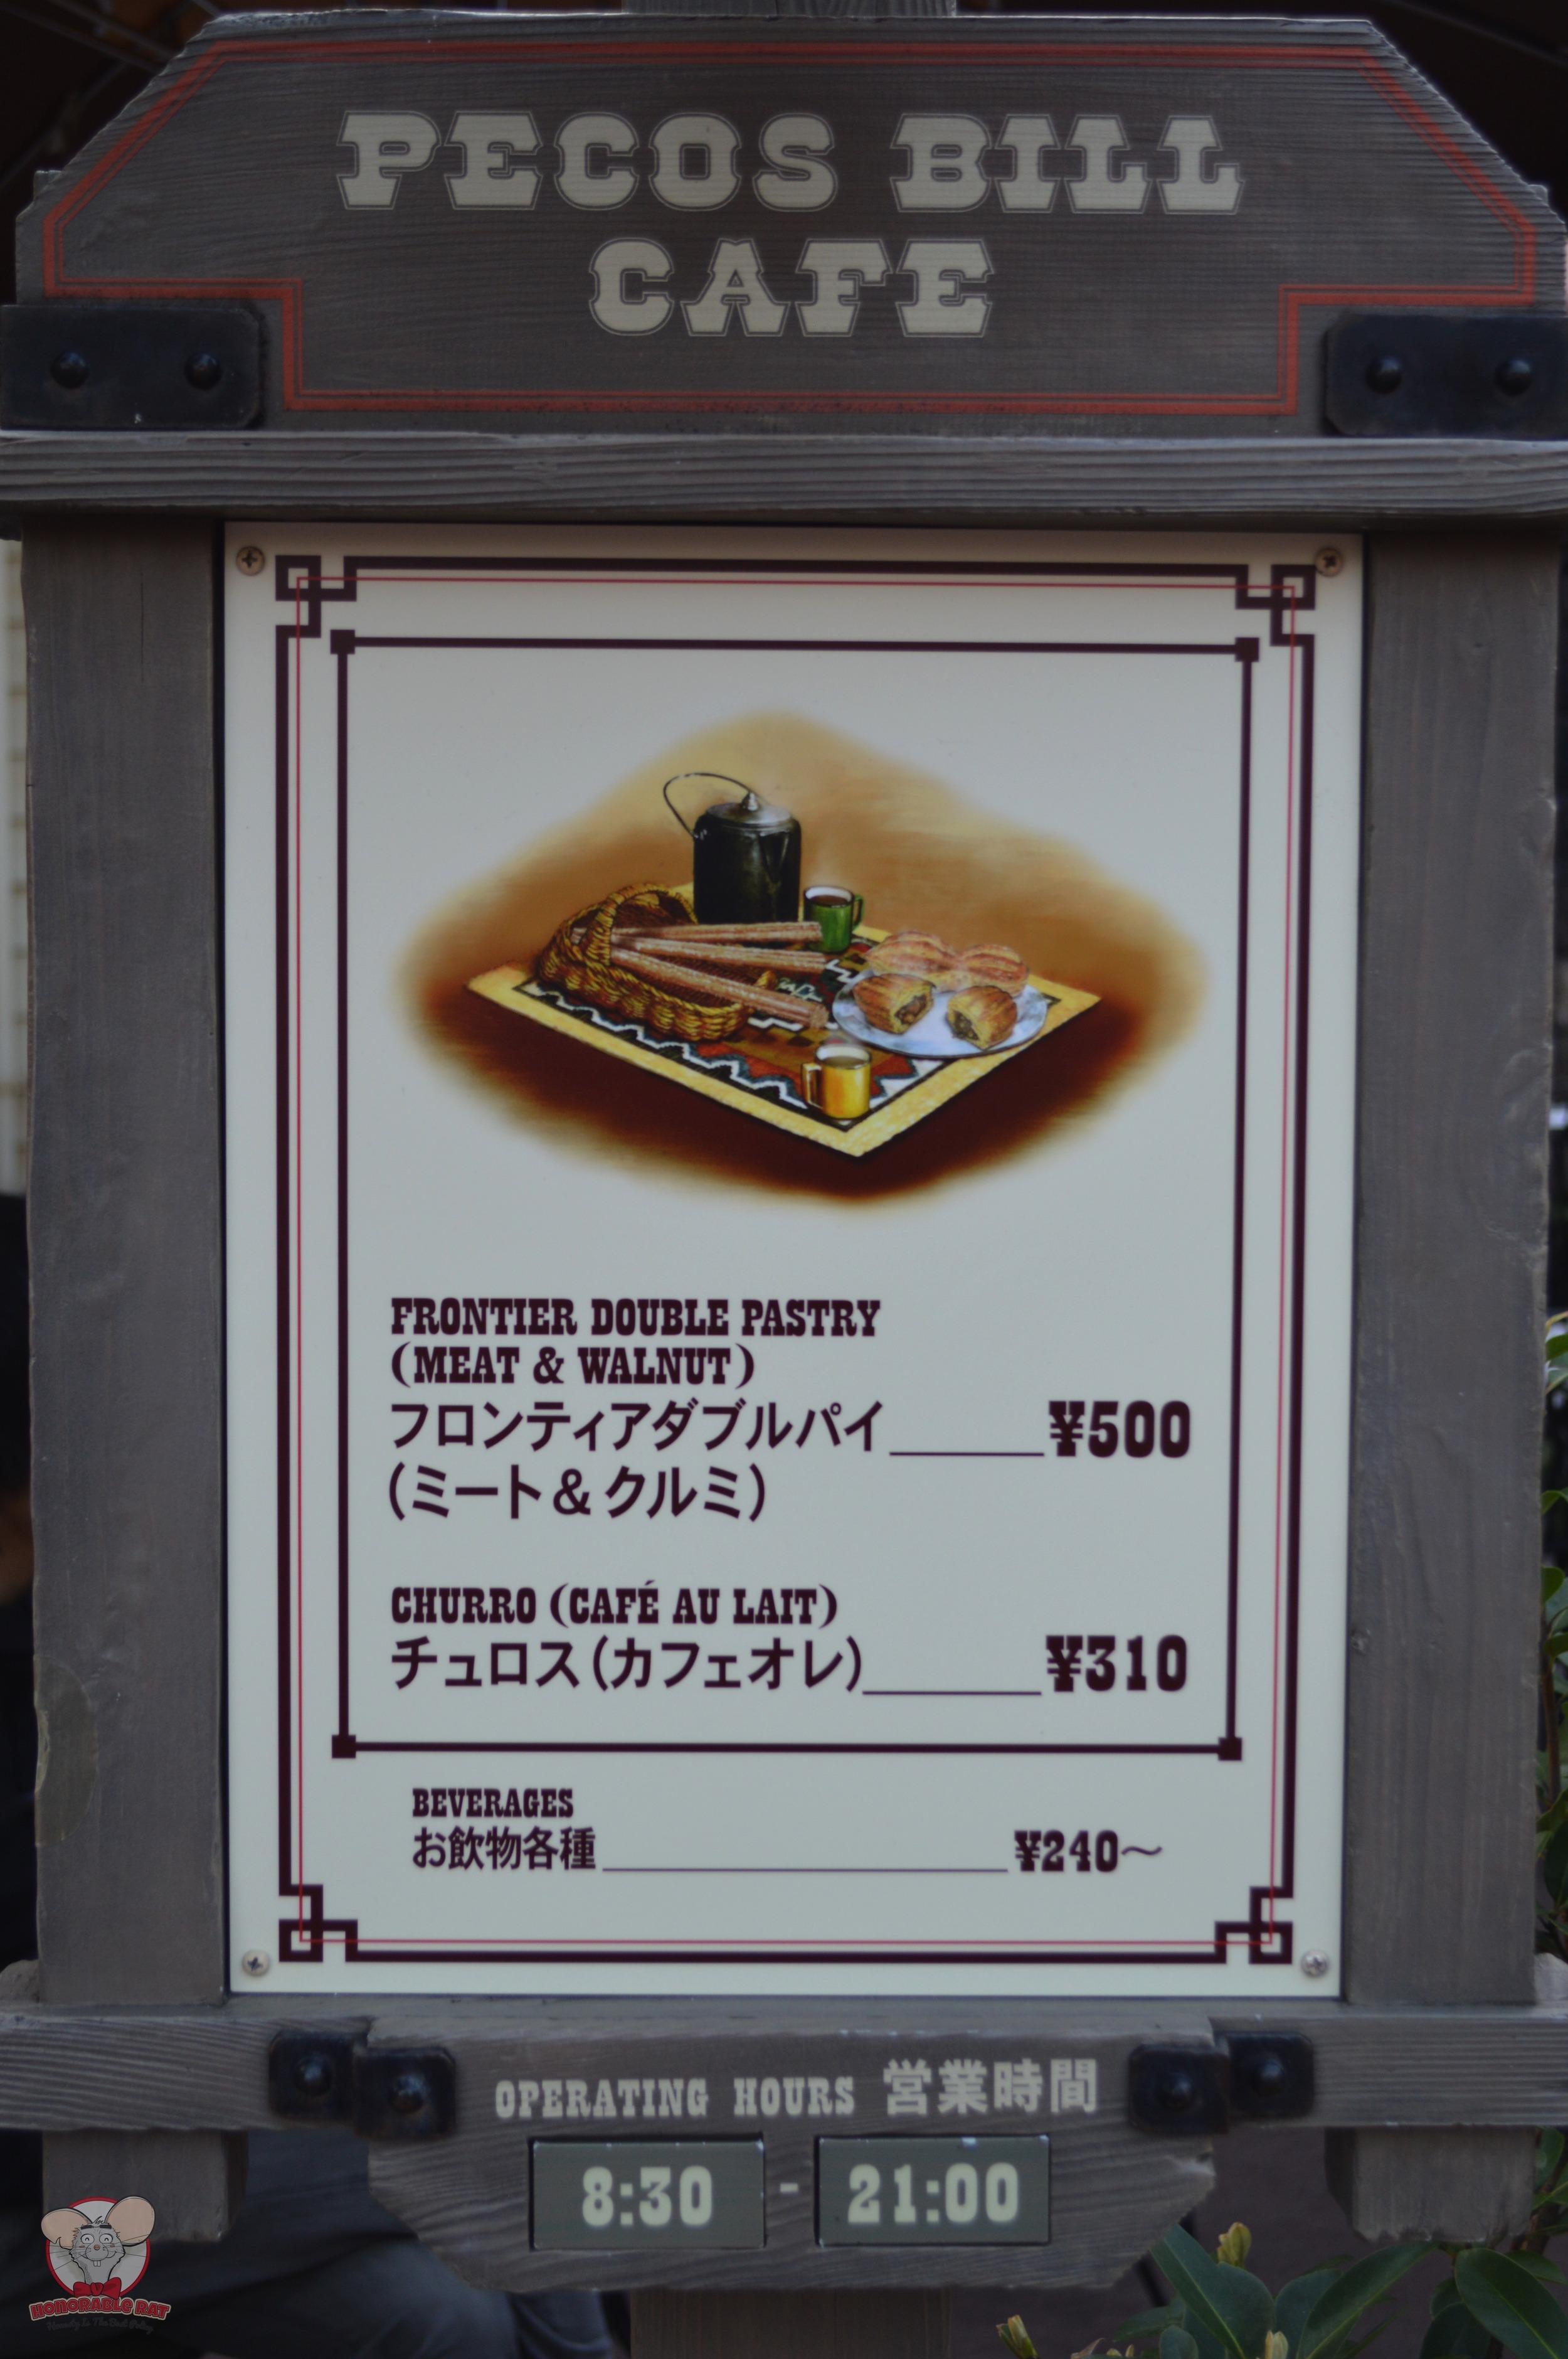 Churro (Cafe Au Lait) for 310 yen